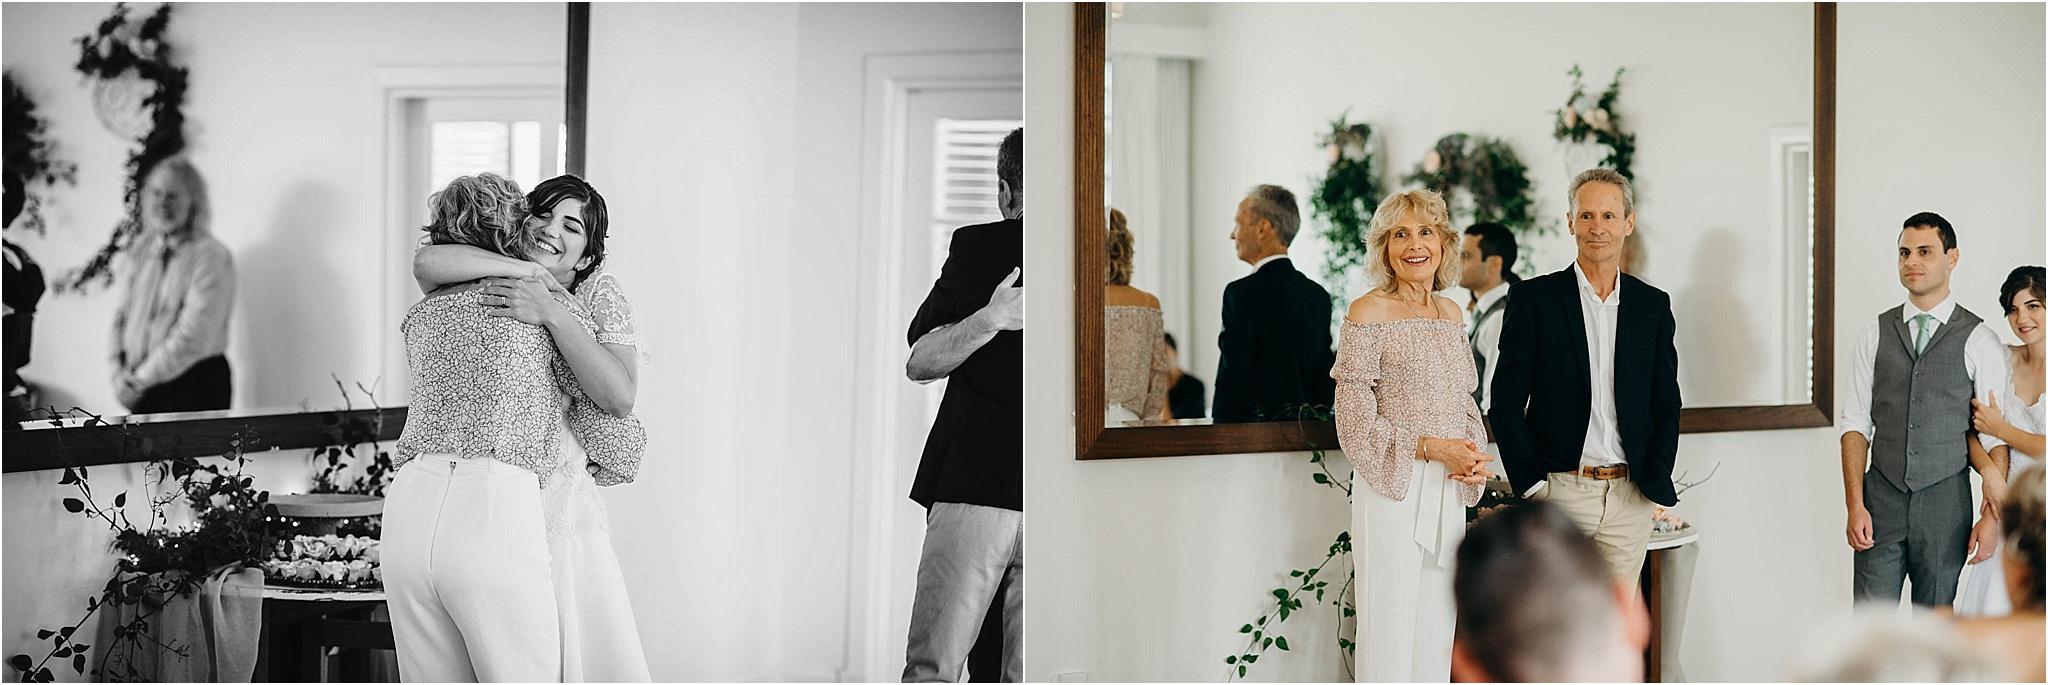 Auckland-Wedding-Photographer-Vanessa-Julian-Officers-Mess-Married_0036.jpg